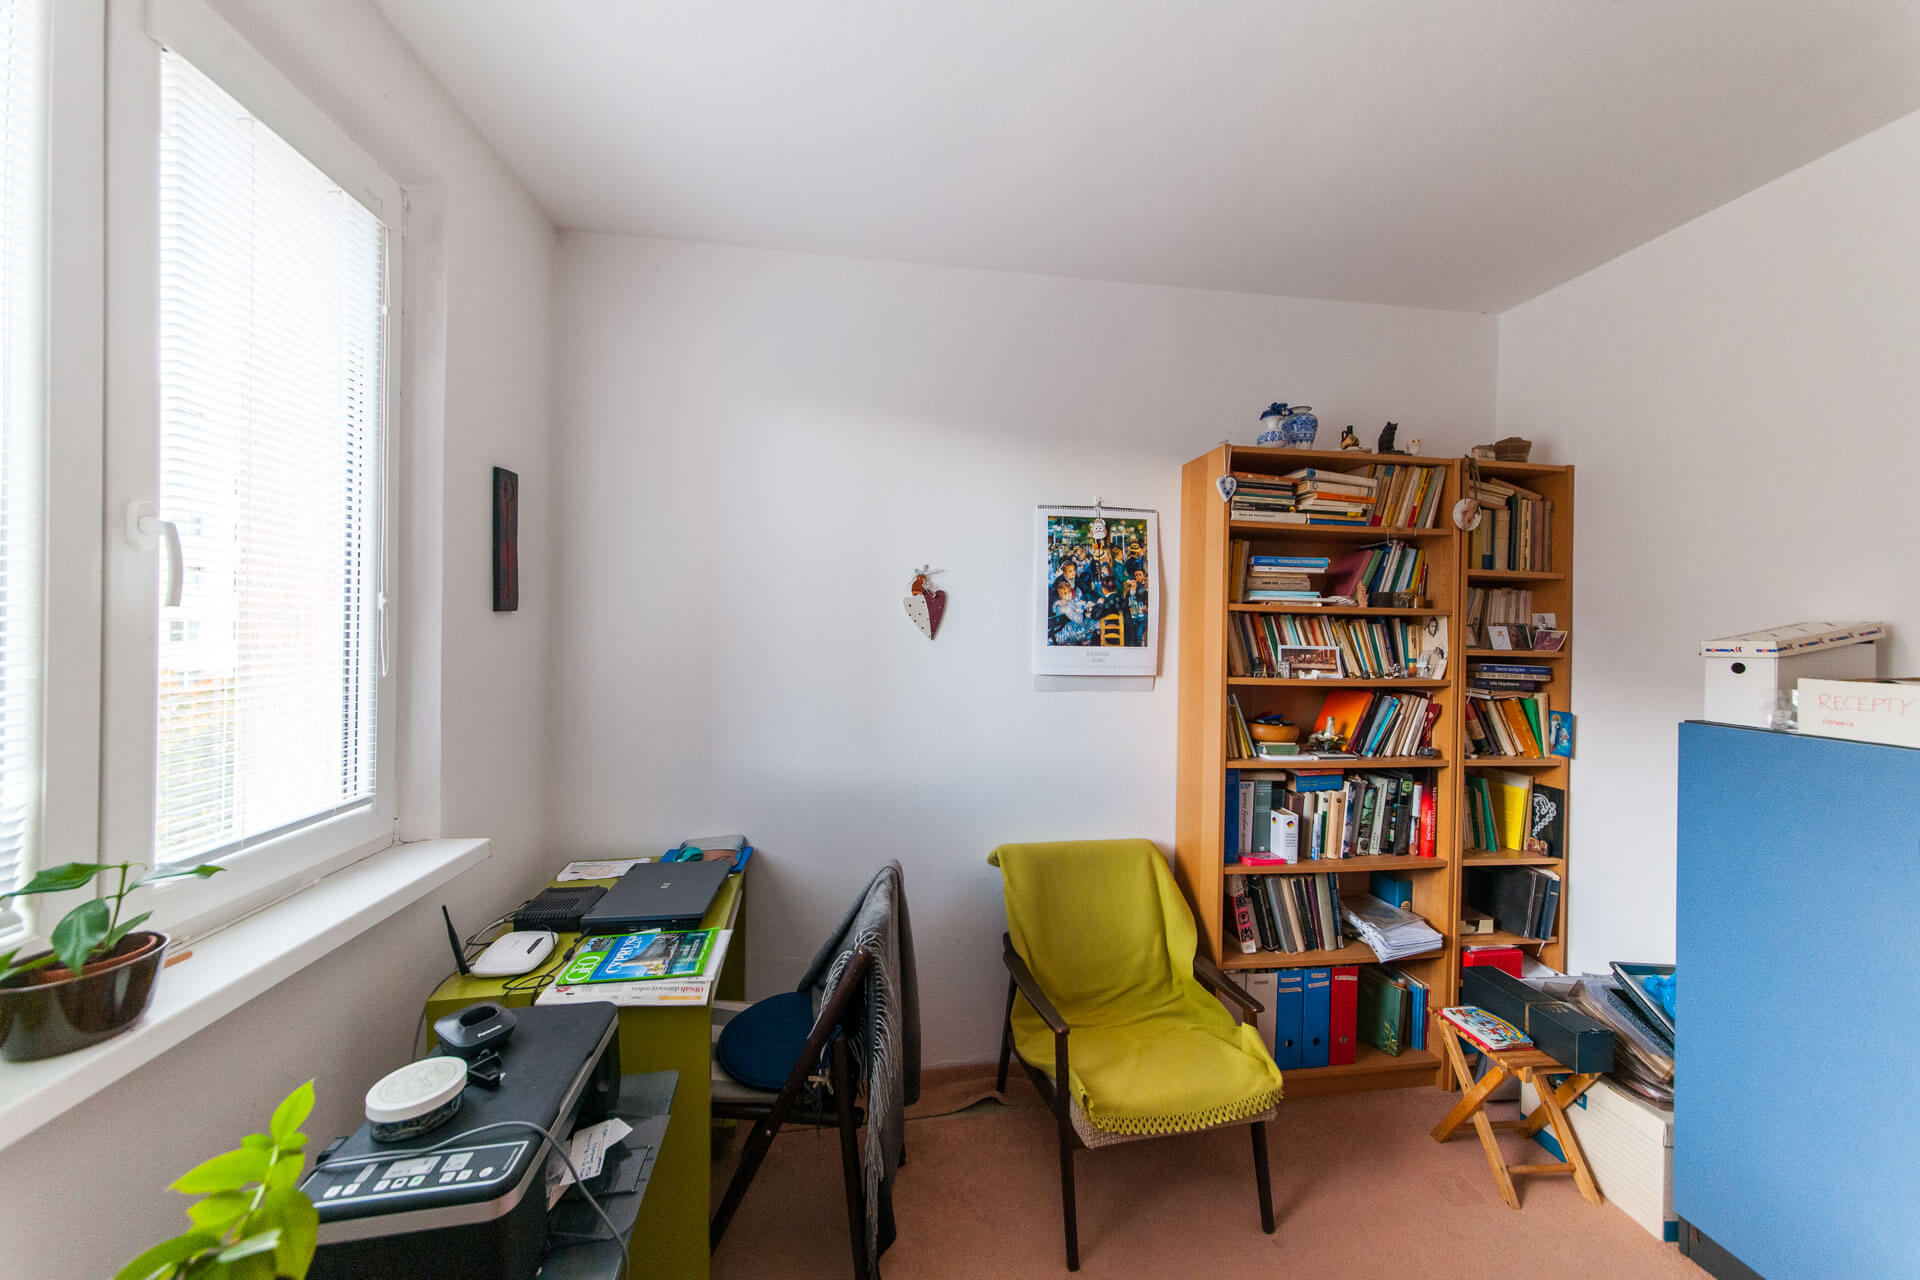 Predané – 4 izbový byt po čiastočnej rekonštrukcii s krásnym výhľadom 73m2 + 4m2 loggia-6